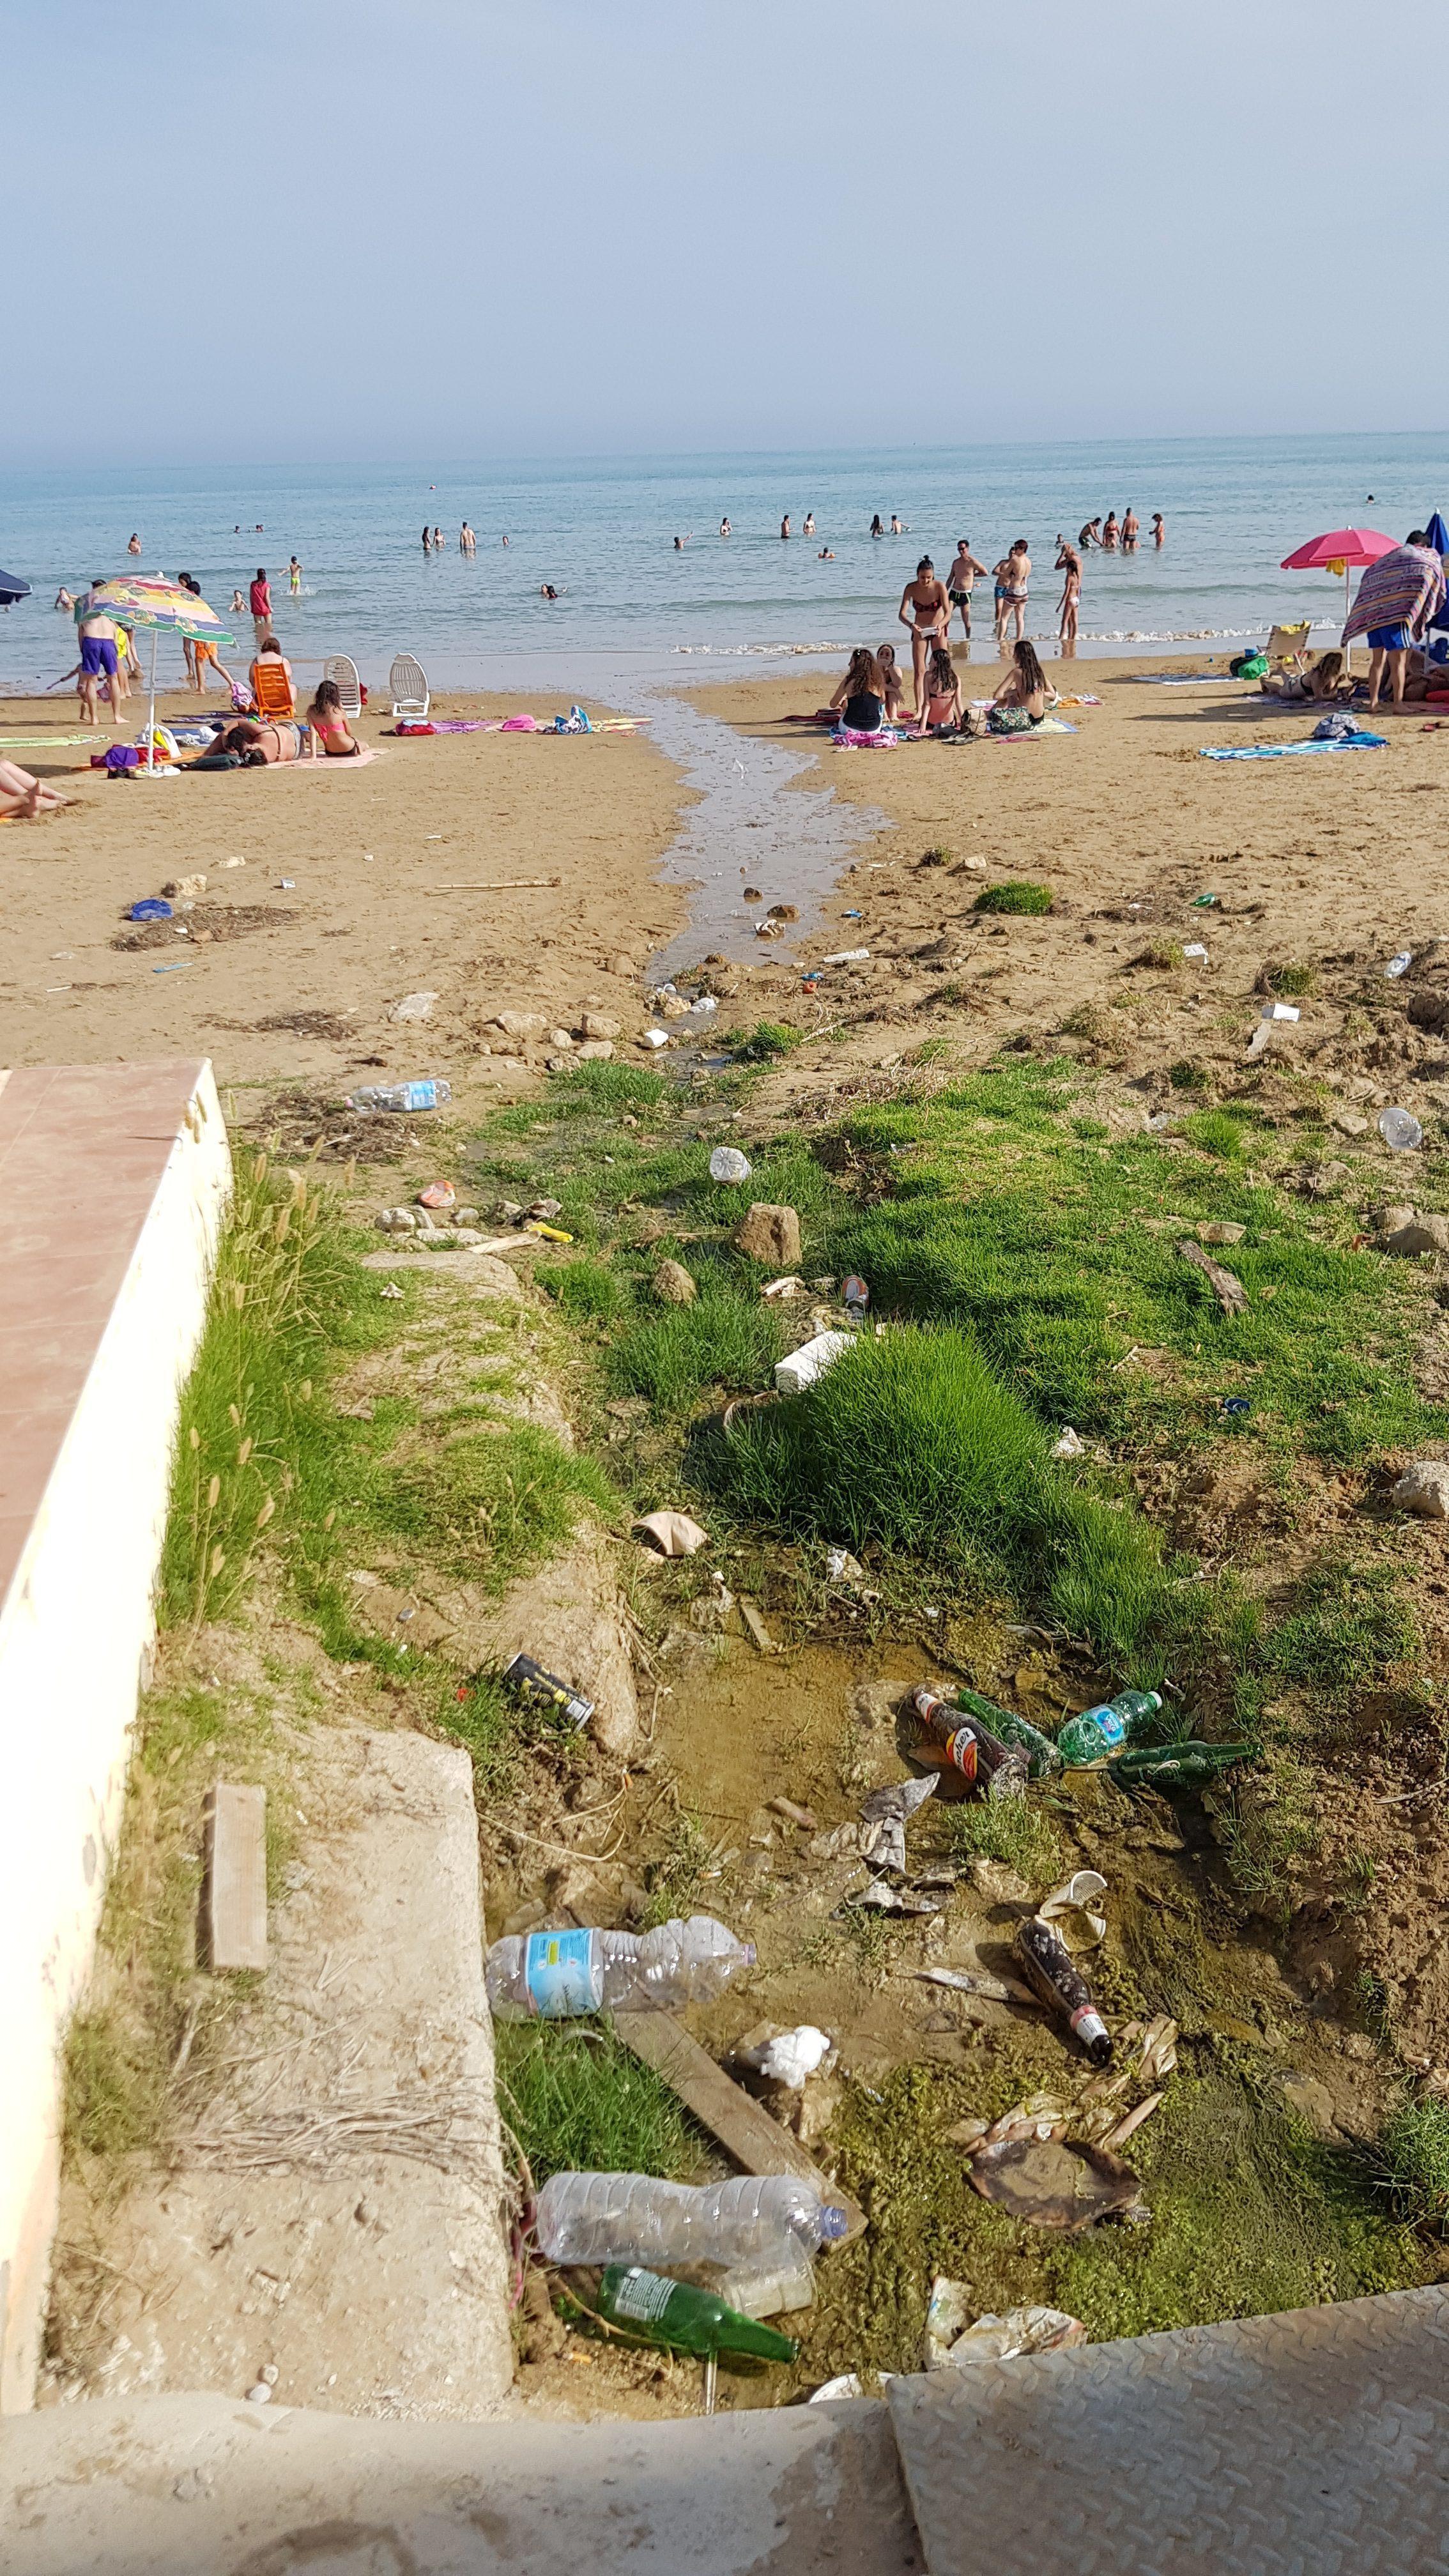 Questo è lo spettacolo a Punta Grande: nessun servizio di raccolta rifiuti, nessun cestino per la spazzatura. La piazzetta, unico punto di accesso alla spiaggia, con entrambi i varchi di […]